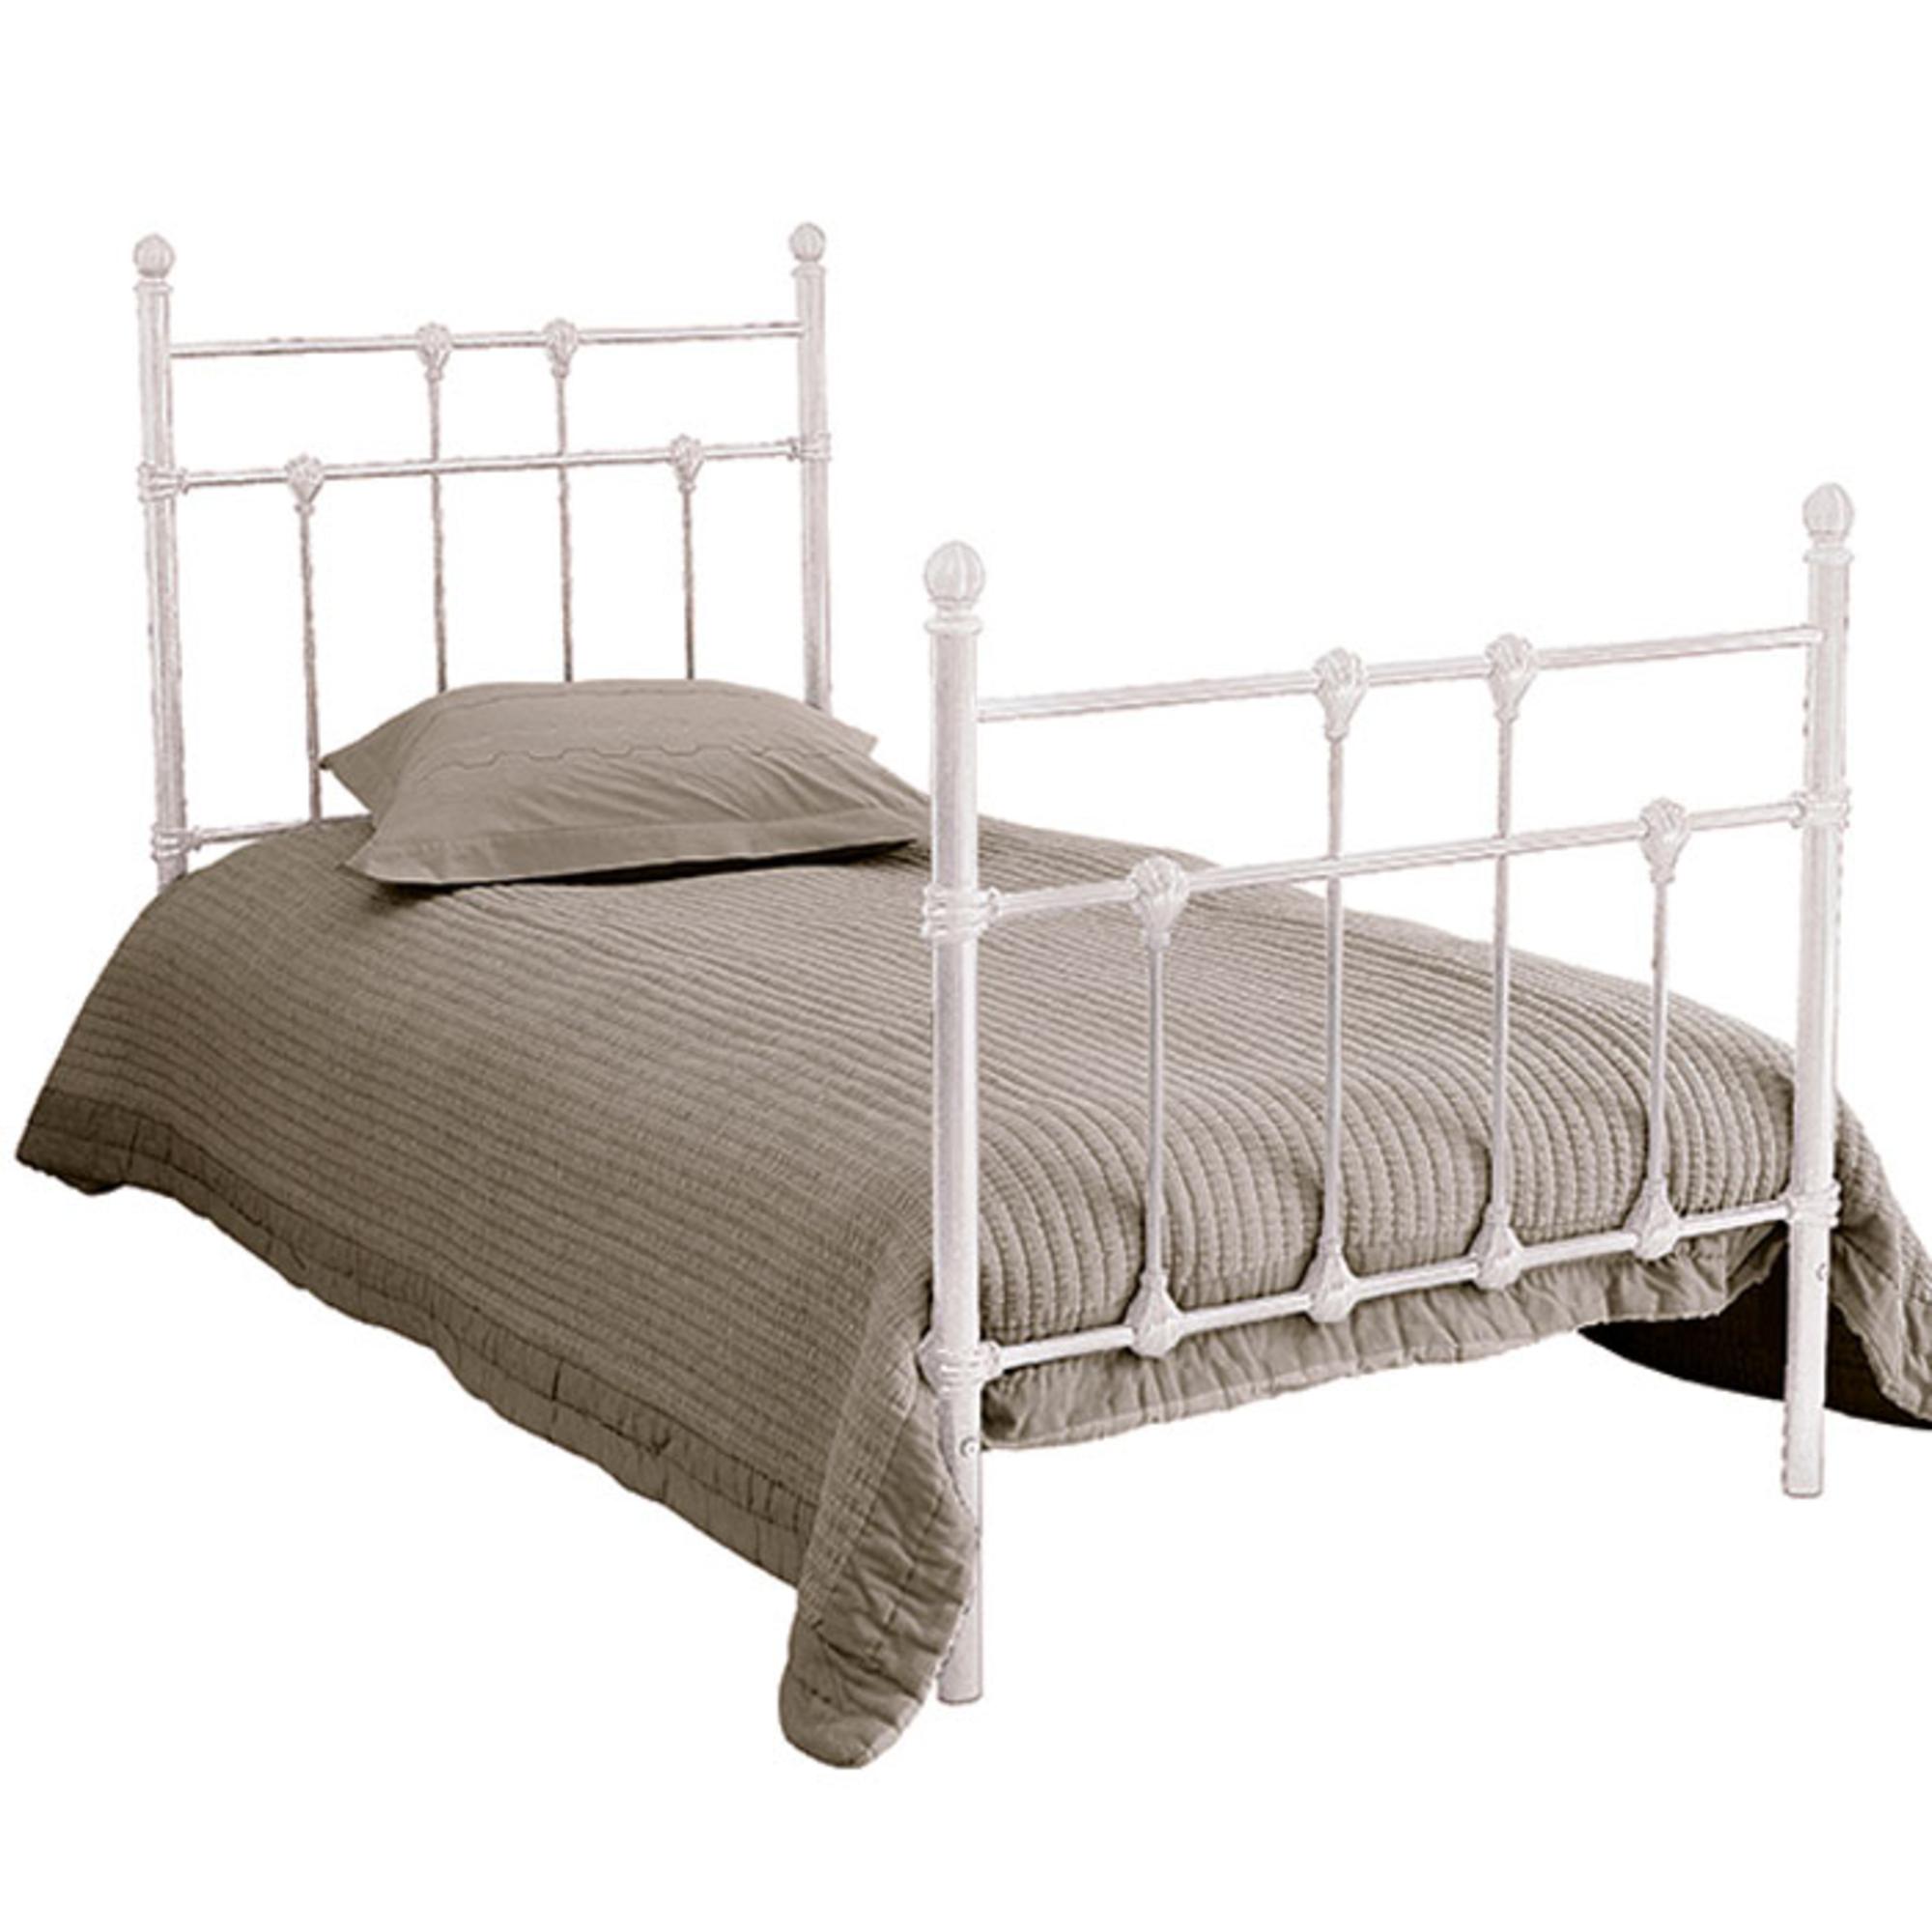 lit m tal 90 x 190 cm myl ne blanc frais de traitement de commande offerts acheter ce. Black Bedroom Furniture Sets. Home Design Ideas